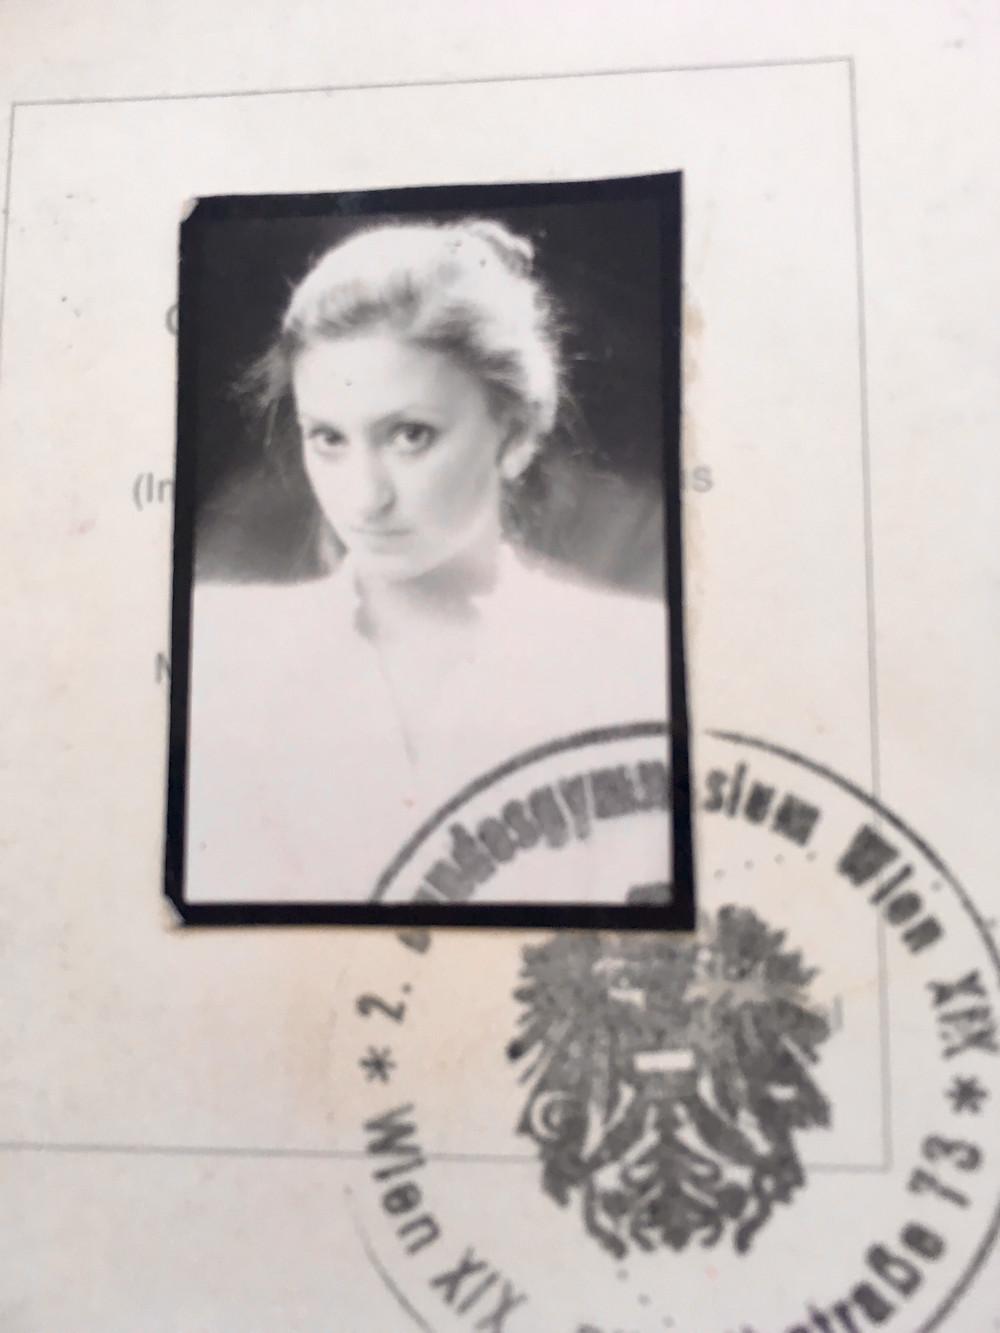 American Pie - Lili Bach Blog